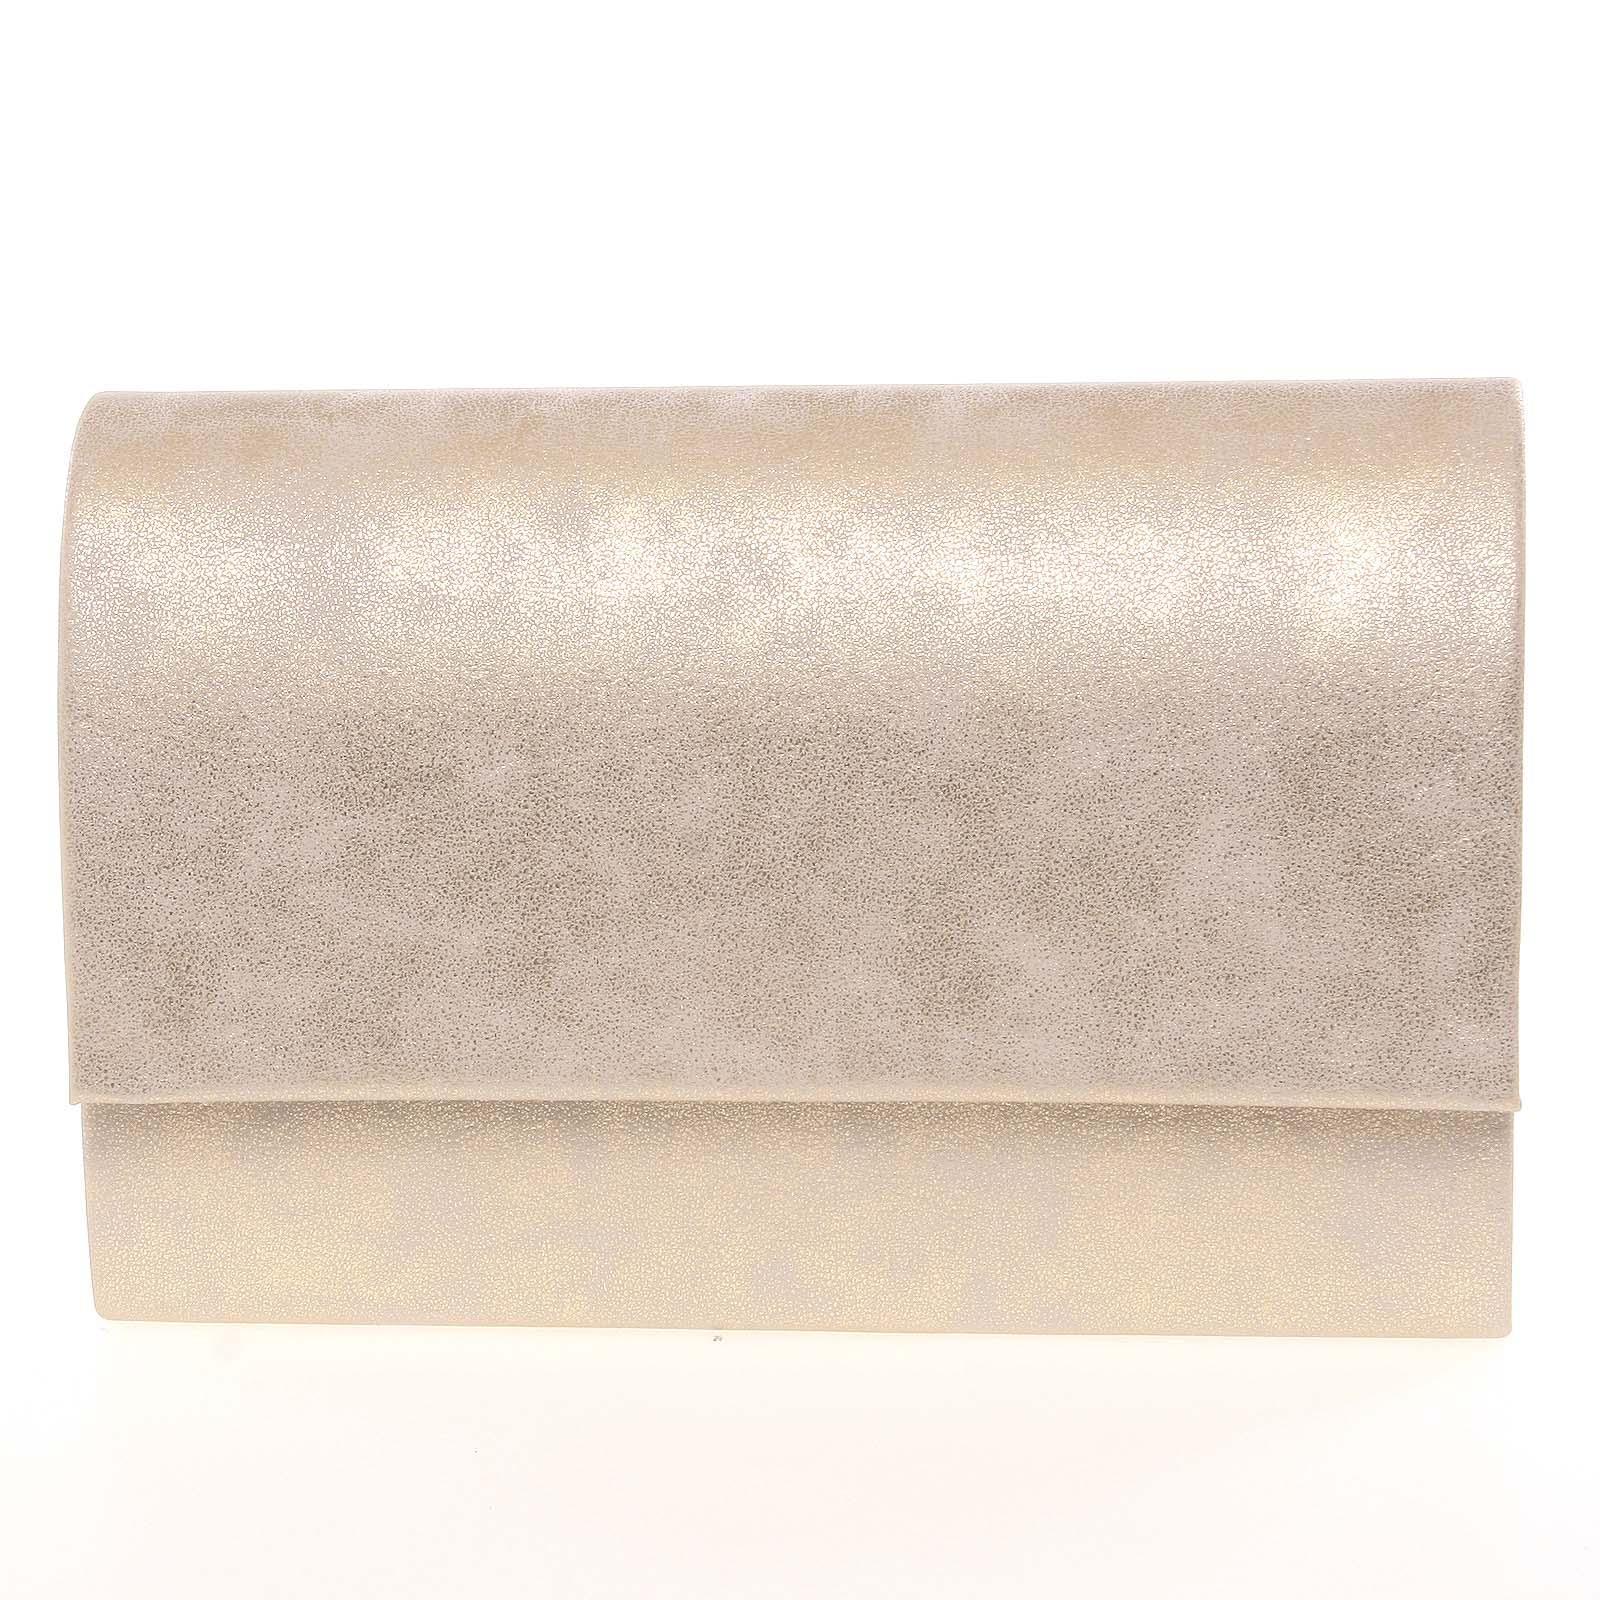 693b251c4 Štýlová dámska listová kabelka zlatá - Delami Boston zlatá - Glami.sk